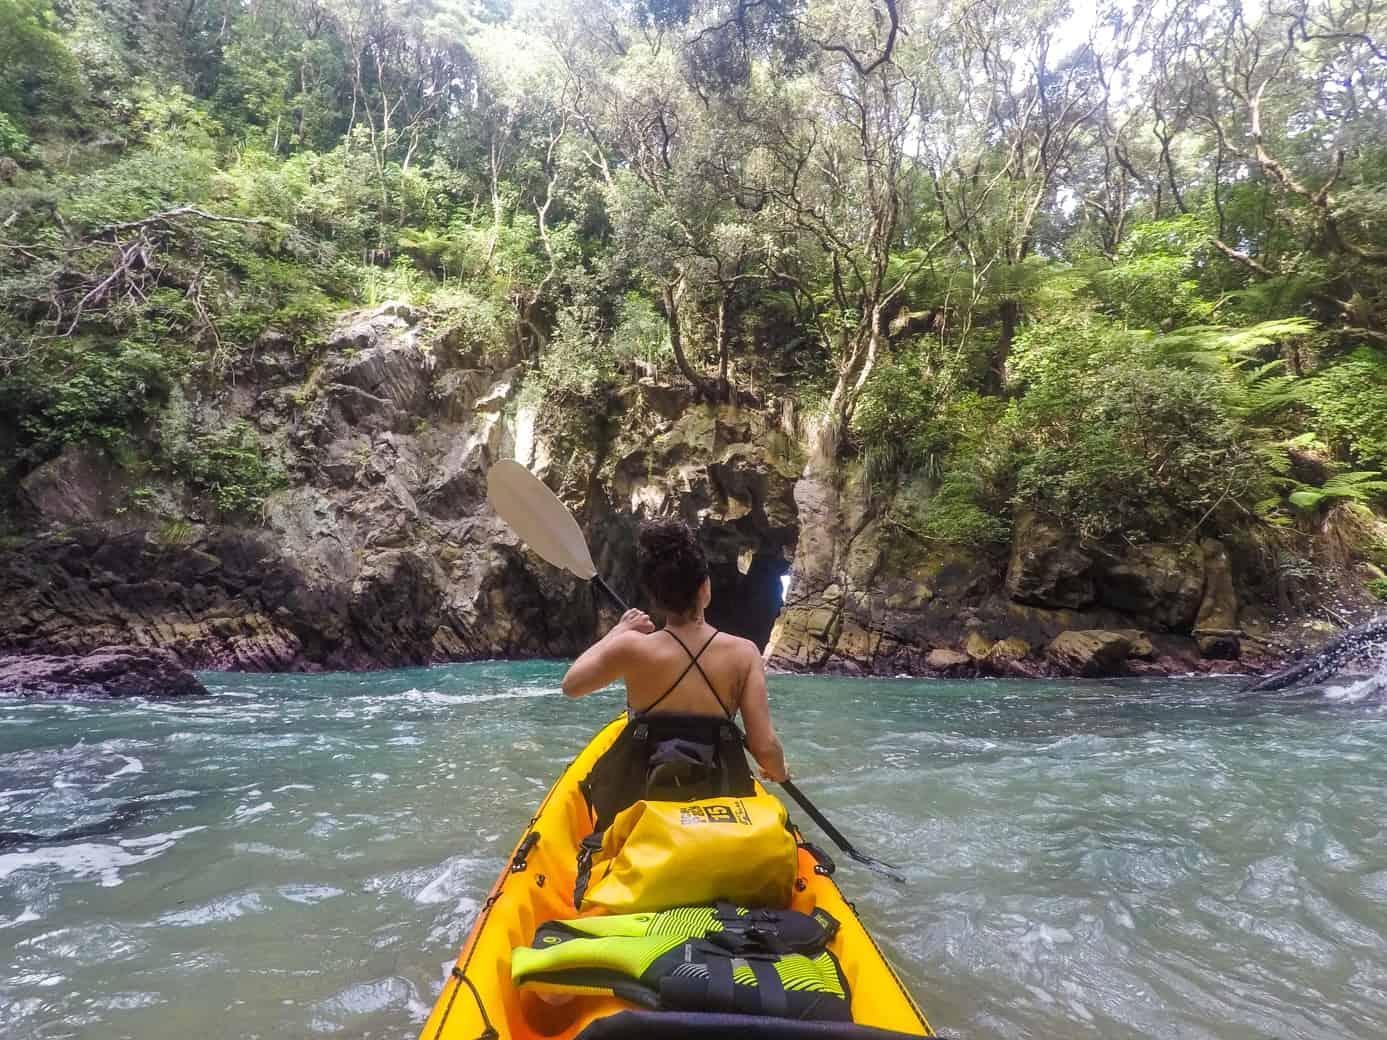 The Coromandel Kayak Donut Island